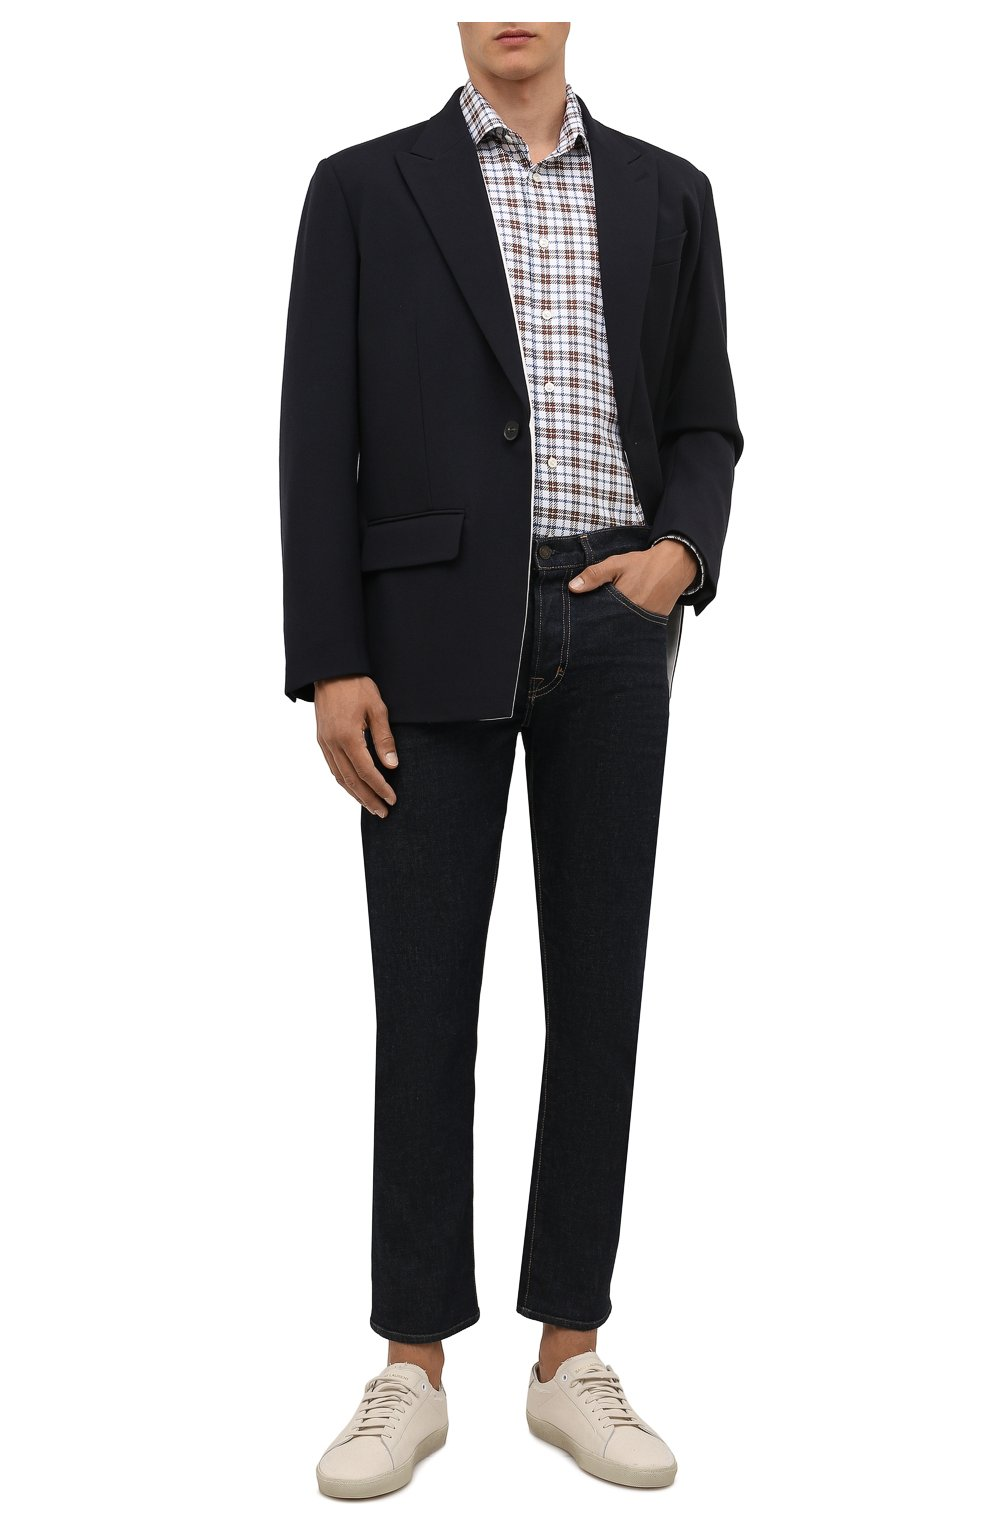 Мужская хлопковая рубашка ETON темно-коричневого цвета, арт. 1000 03090 | Фото 2 (Манжеты: На пуговицах; Принт: Клетка; Рукава: Длинные; Воротник: Акула; Случай: Повседневный; Длина (для топов): Стандартные; Рубашки М: Slim Fit; Материал внешний: Хлопок; Стили: Кэжуэл)